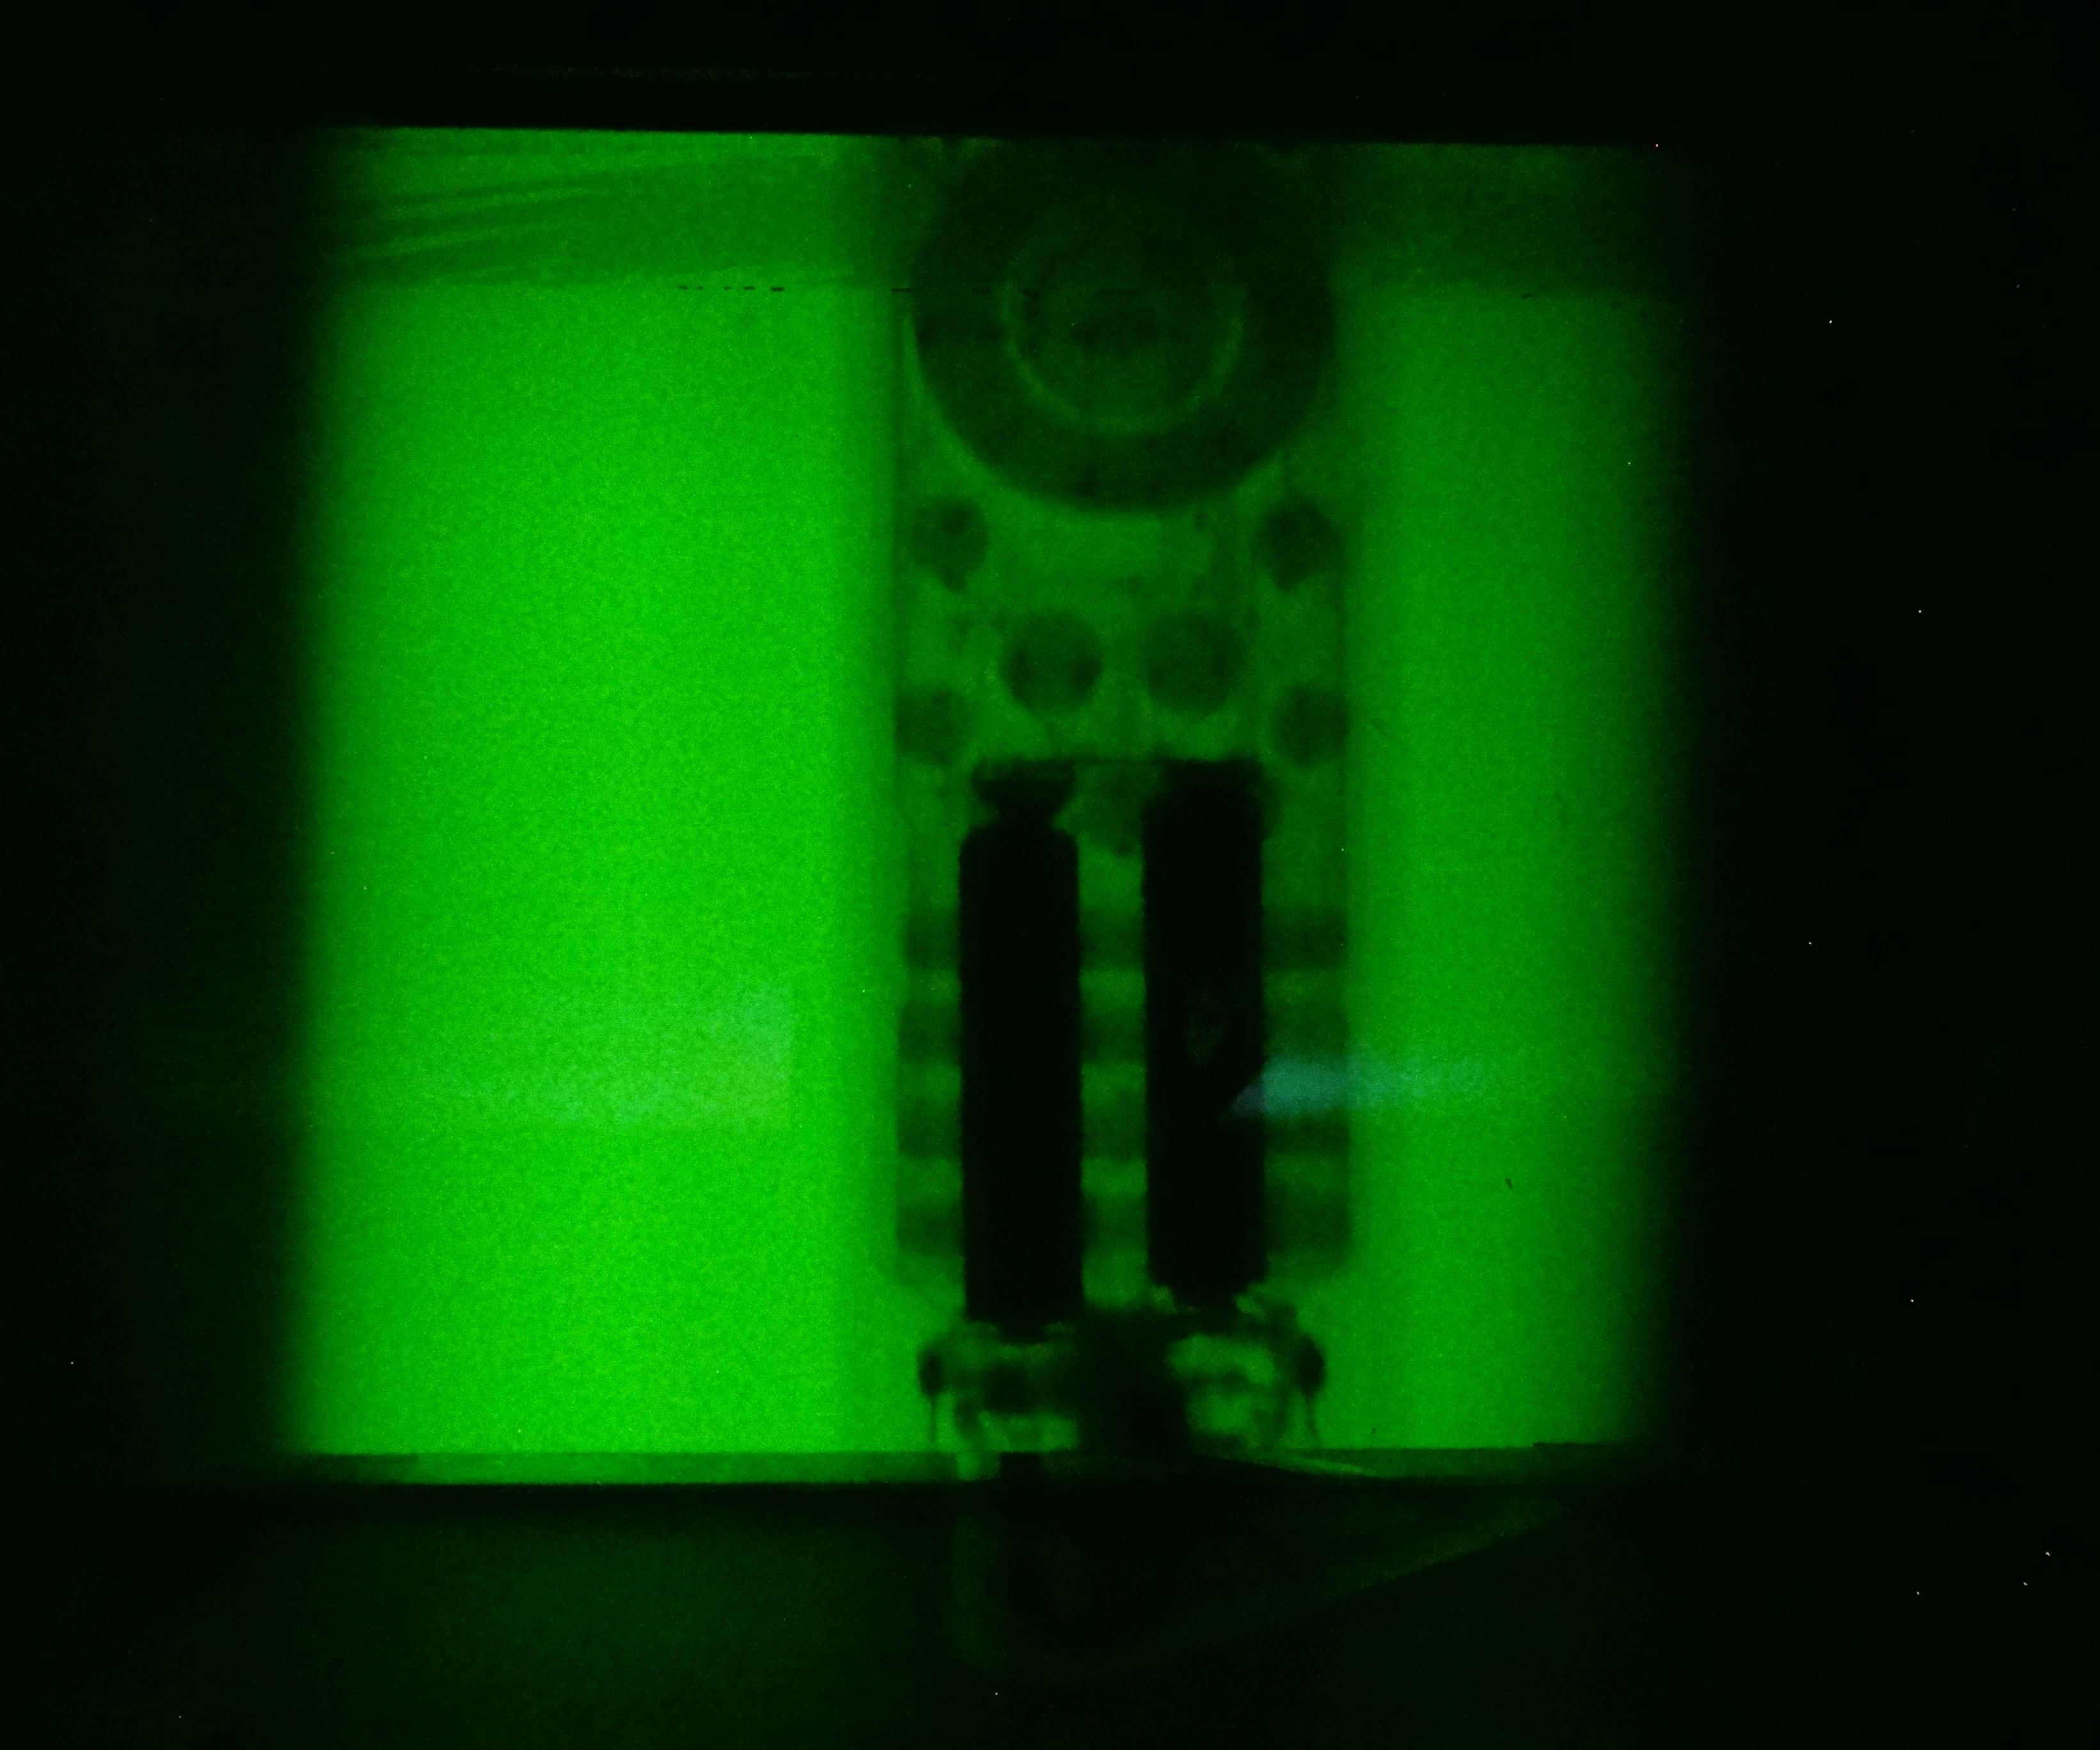 Homemade xray machine